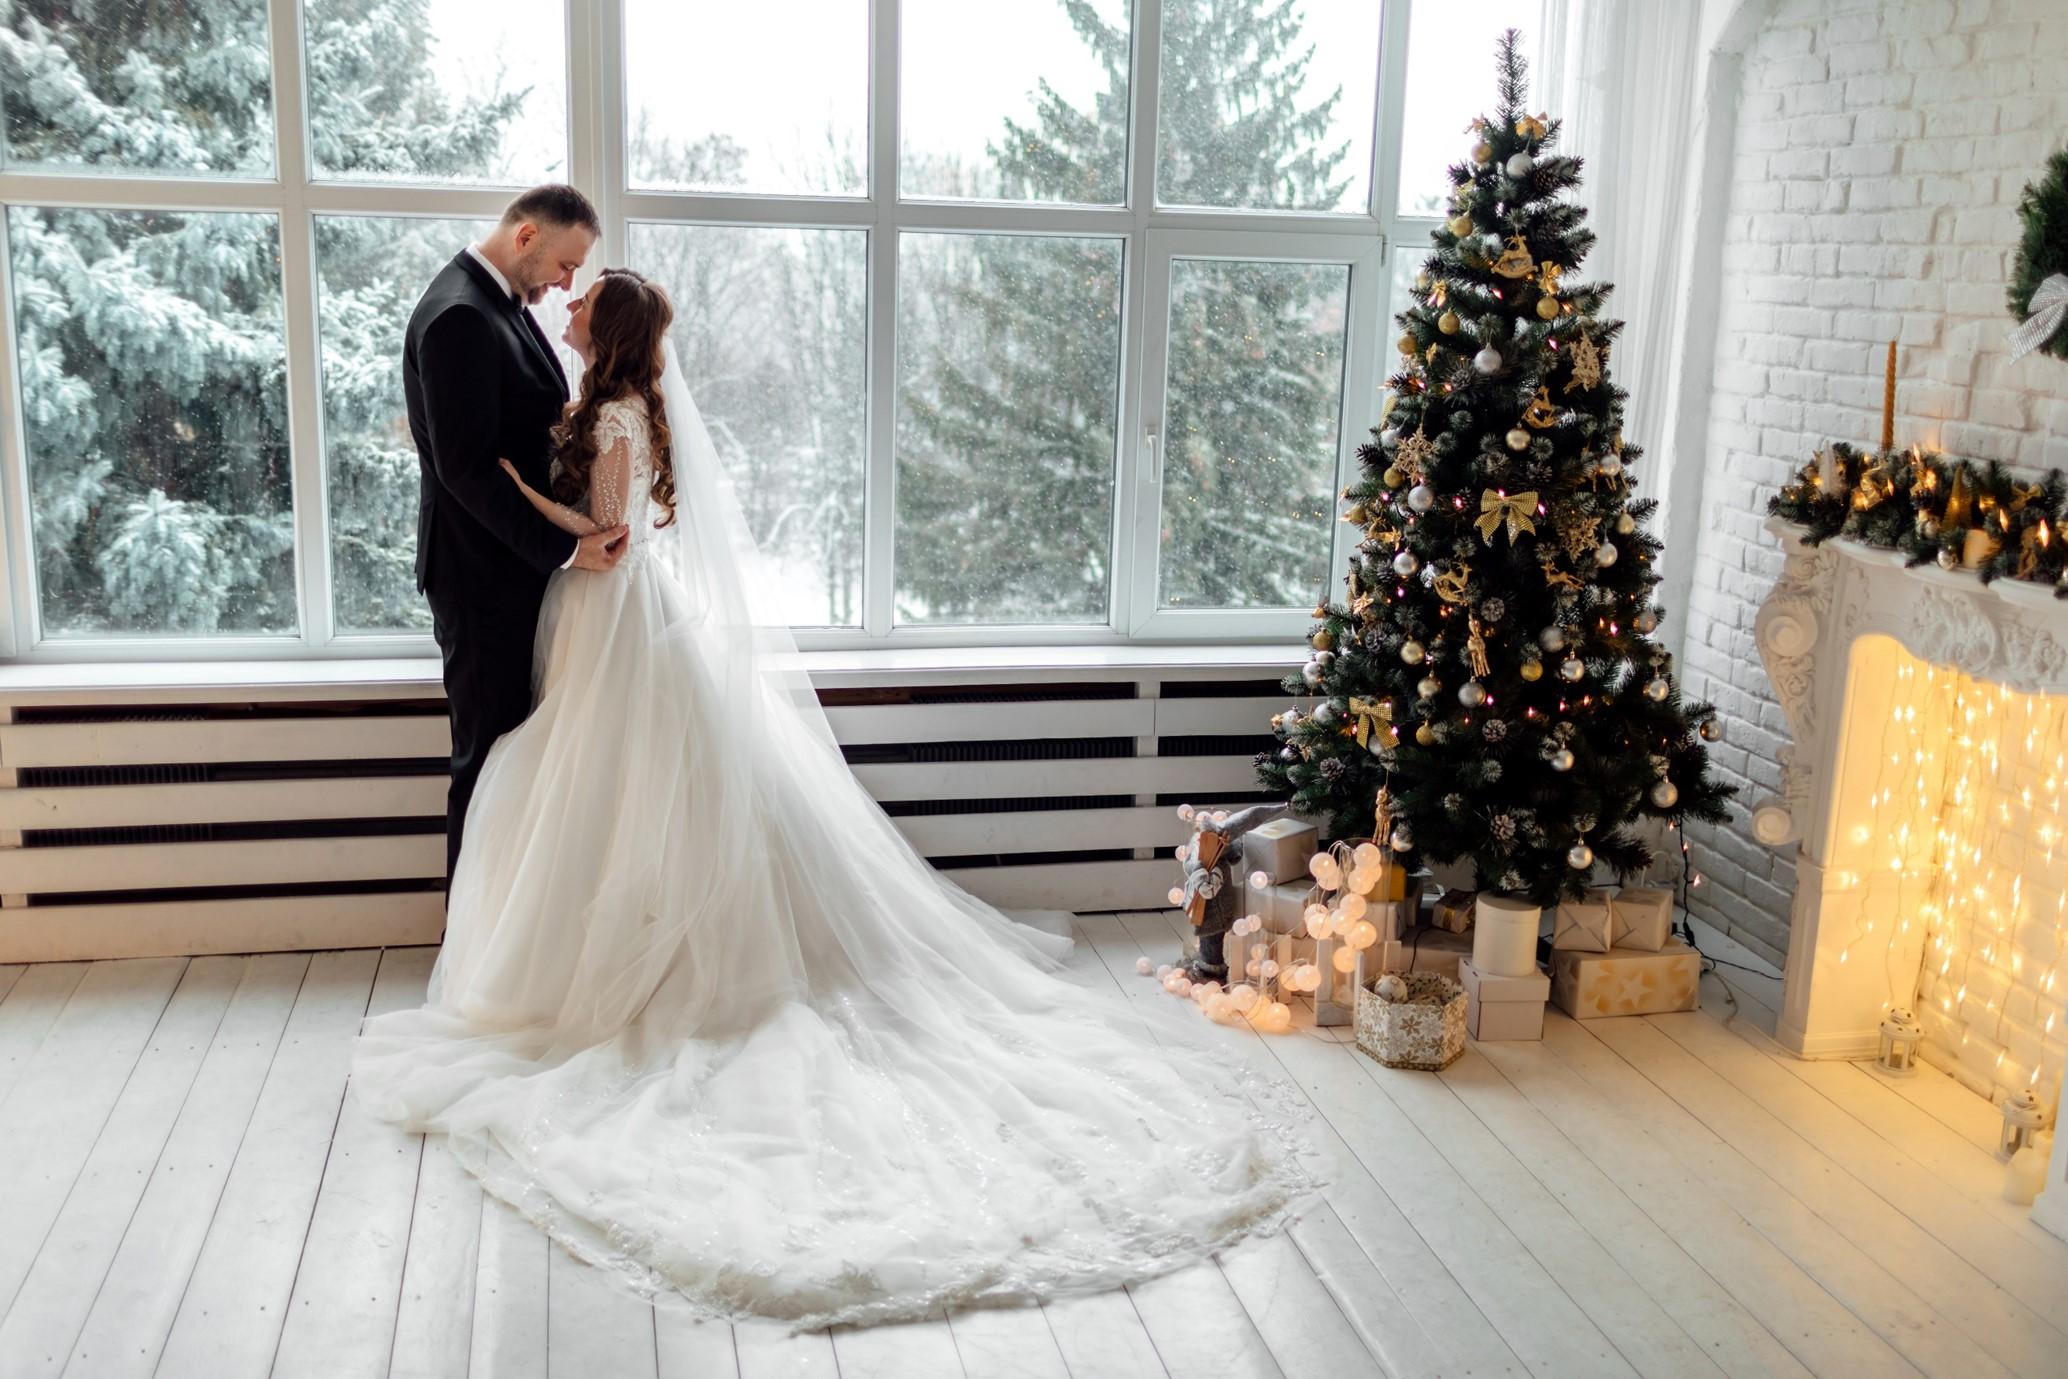 boda invierno hotel cortijo chico